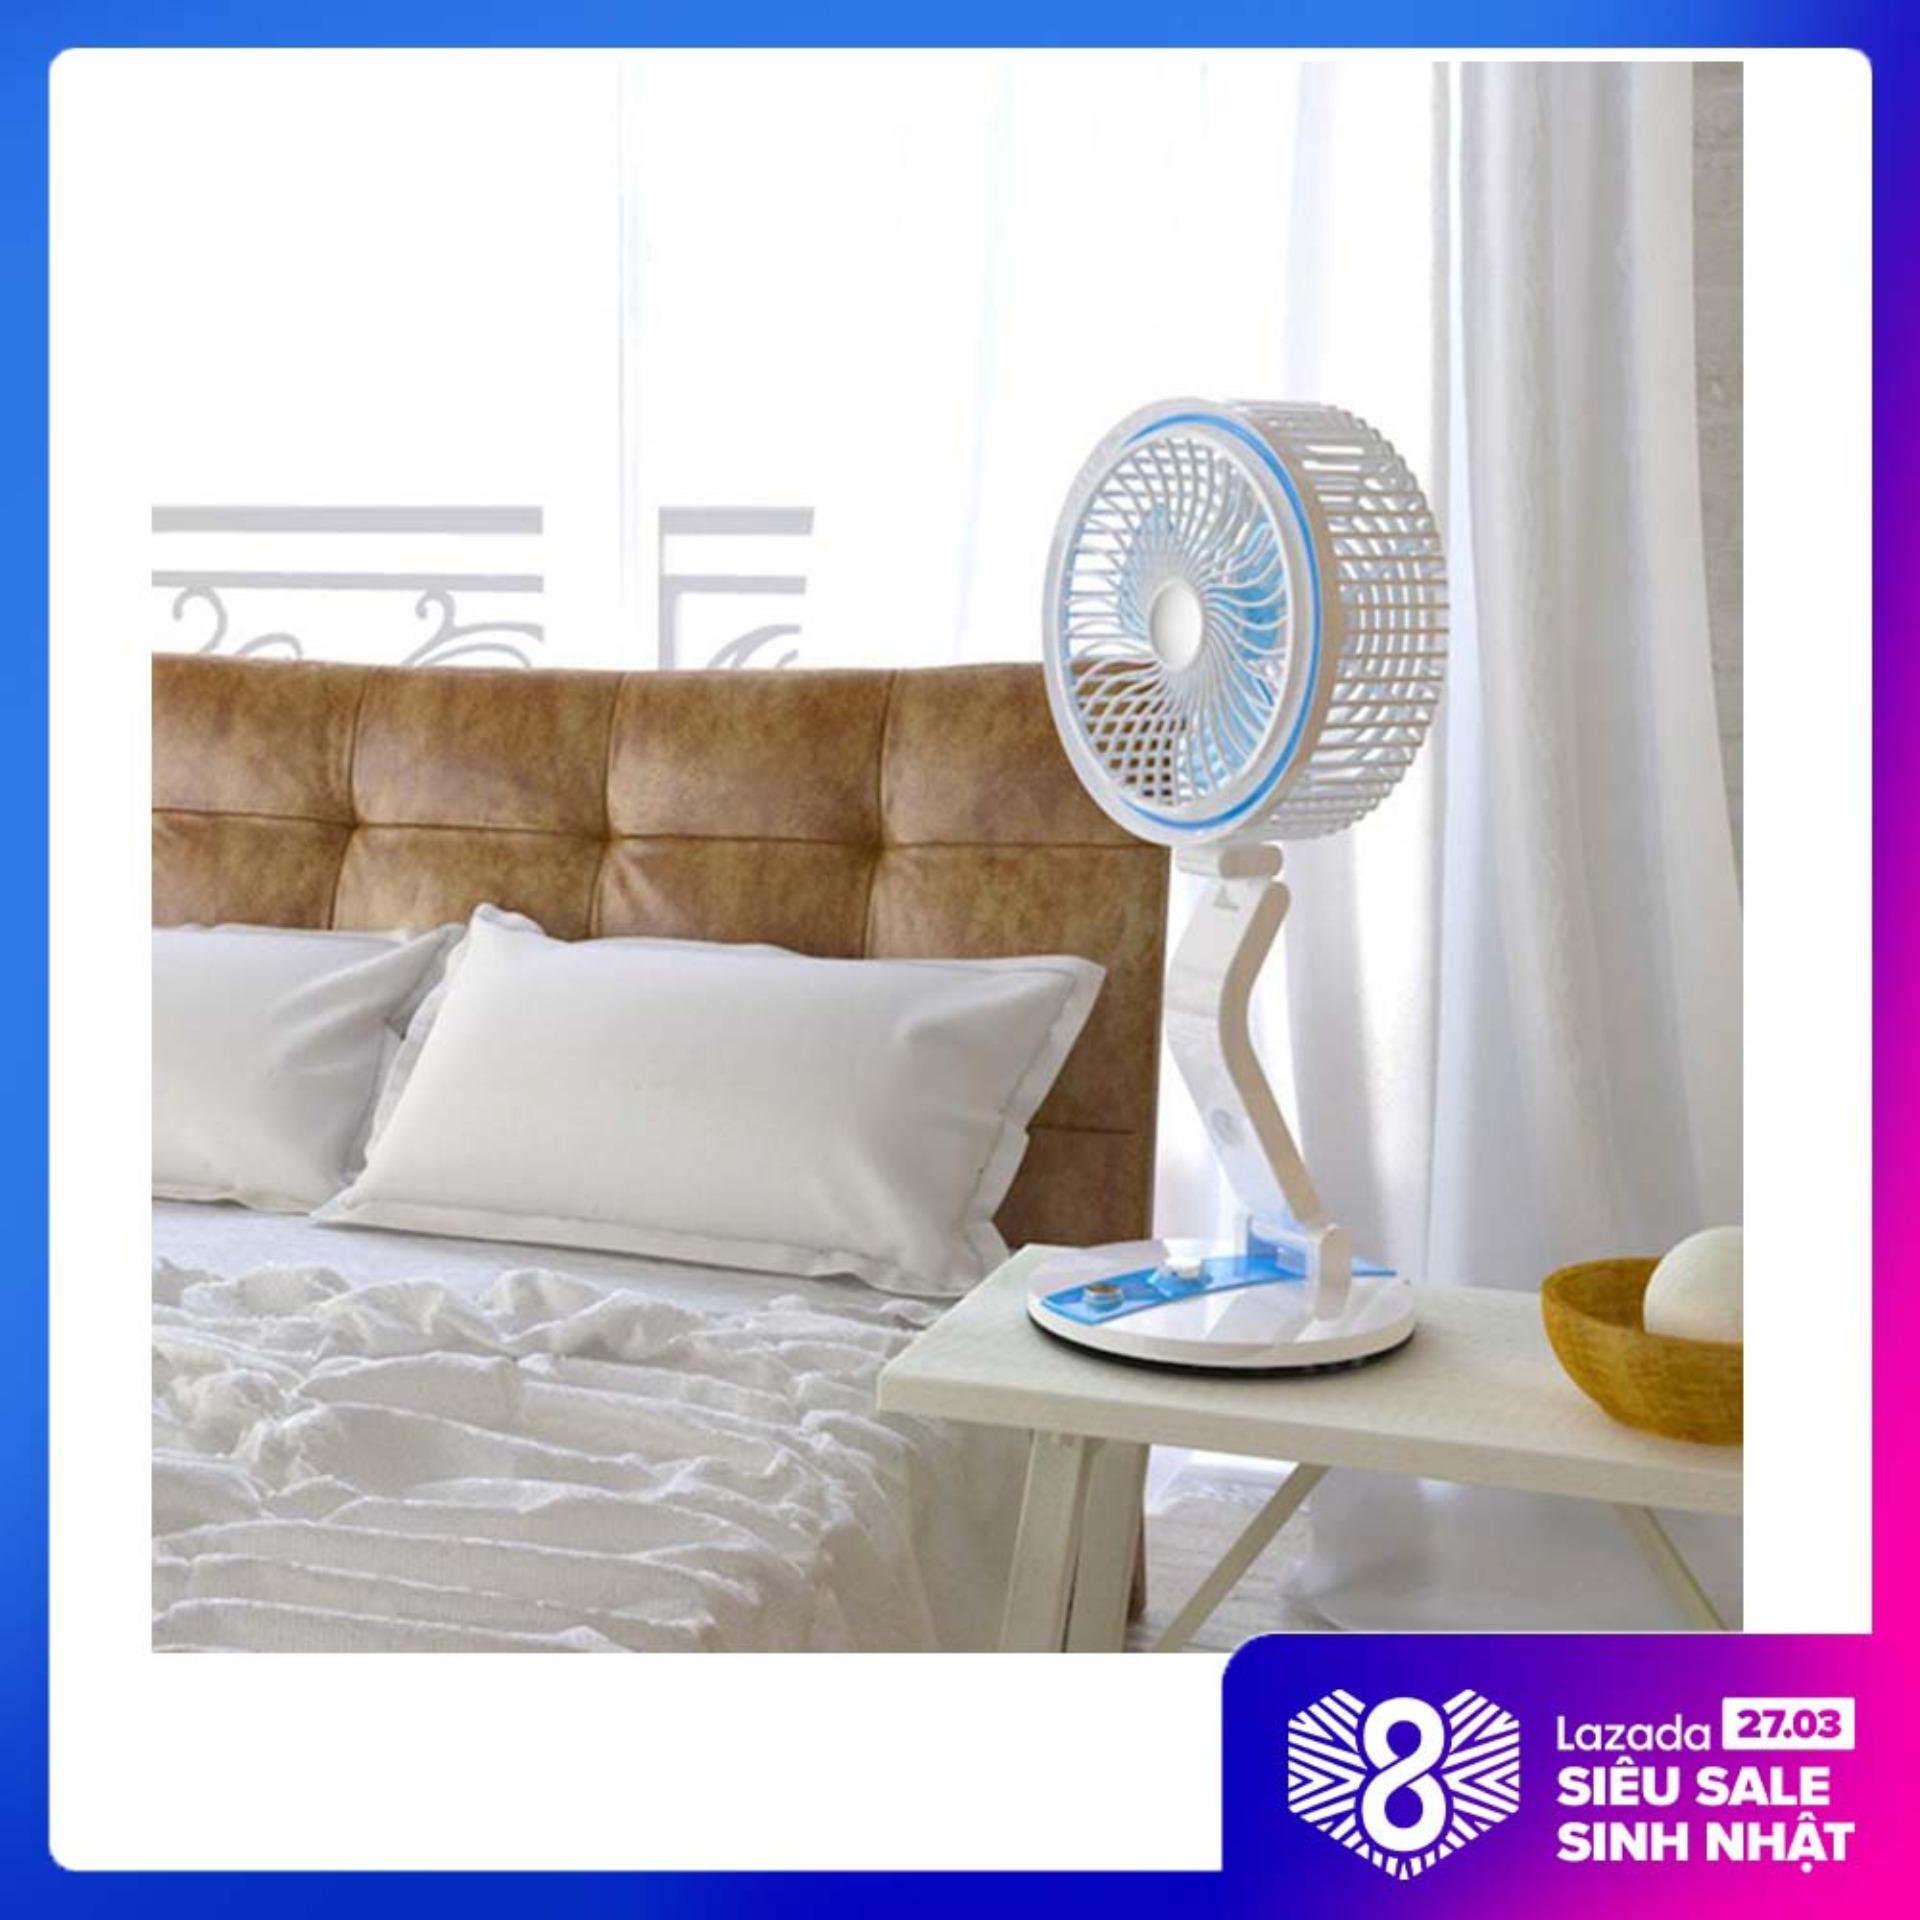 Quạt sạc điện loại tốt, Quạt tích điện có đèn LED gấp gọn Folding Fan - 2 in 1 Vô Cùng Tiện Ích. Bảo Hành 1 đổi 1 Toàn Quốc